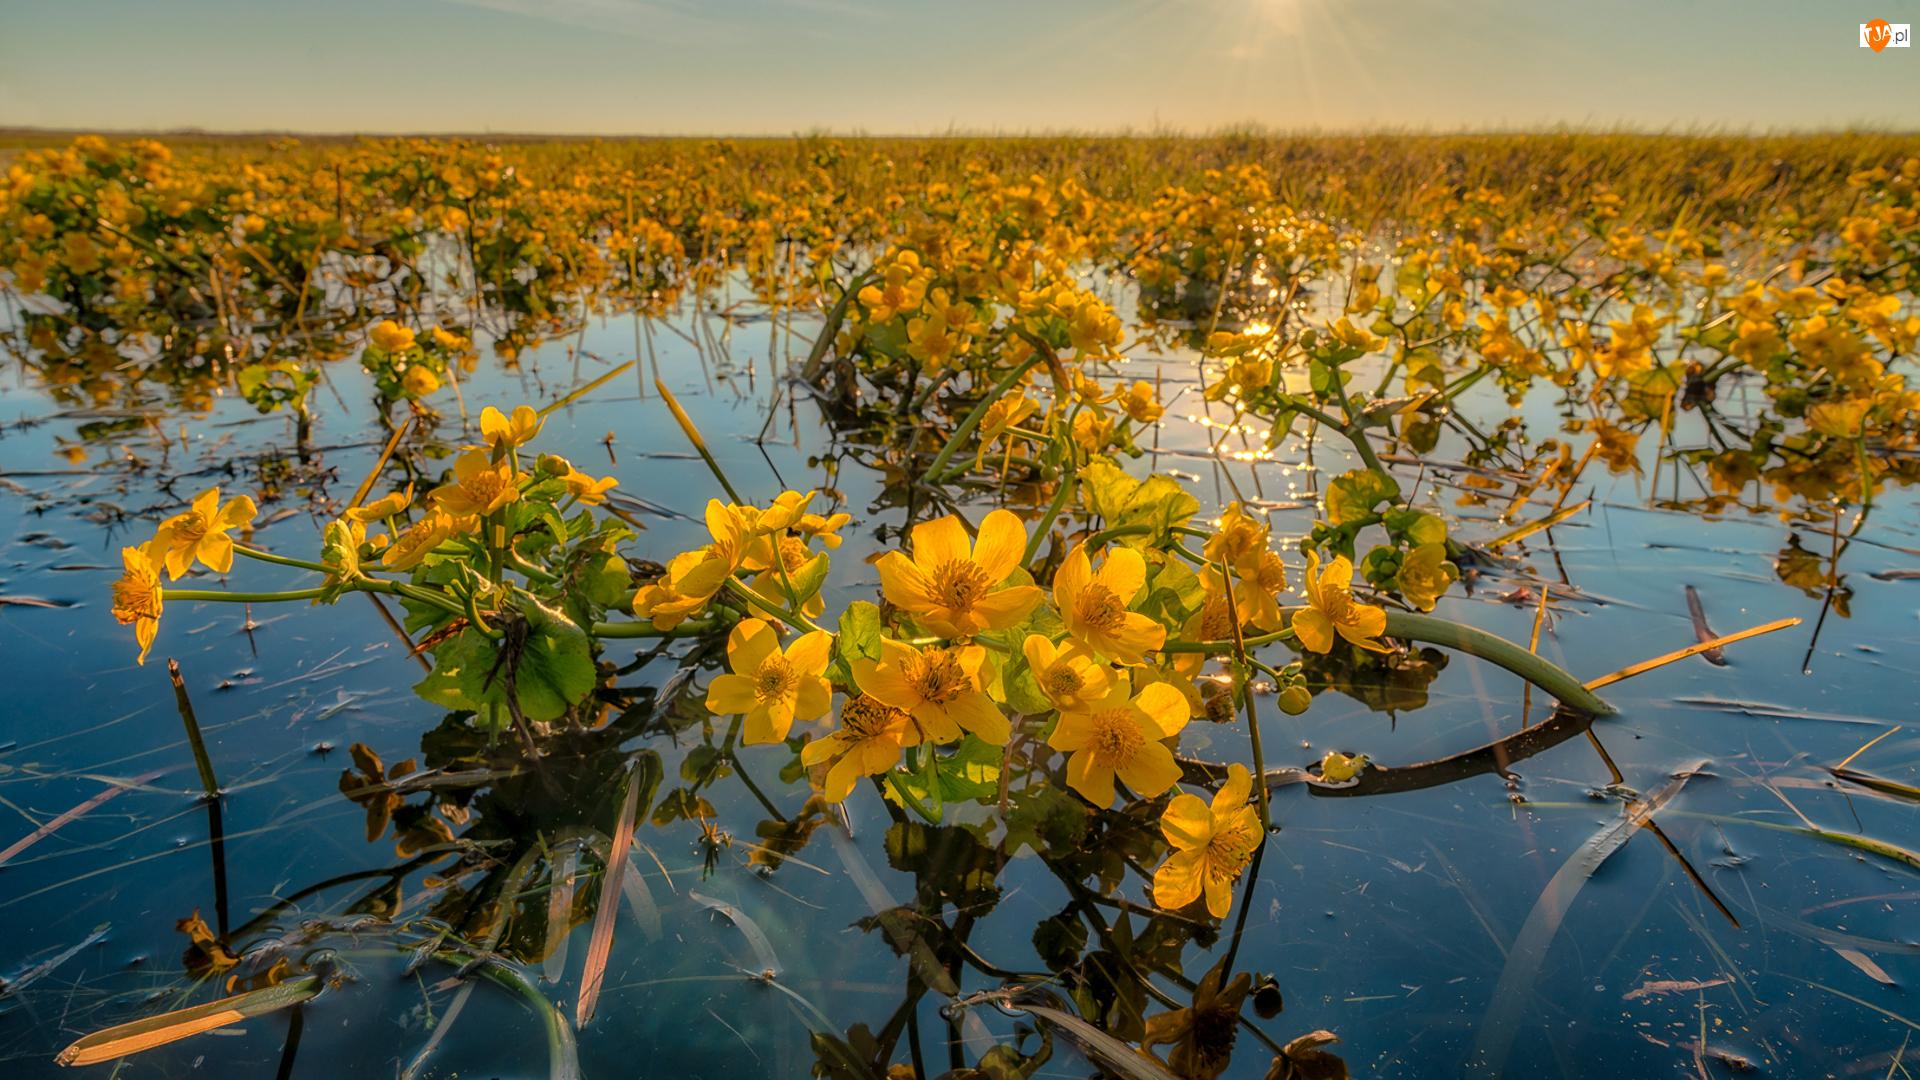 Woda, Kwiaty, Kaczeńce błotne